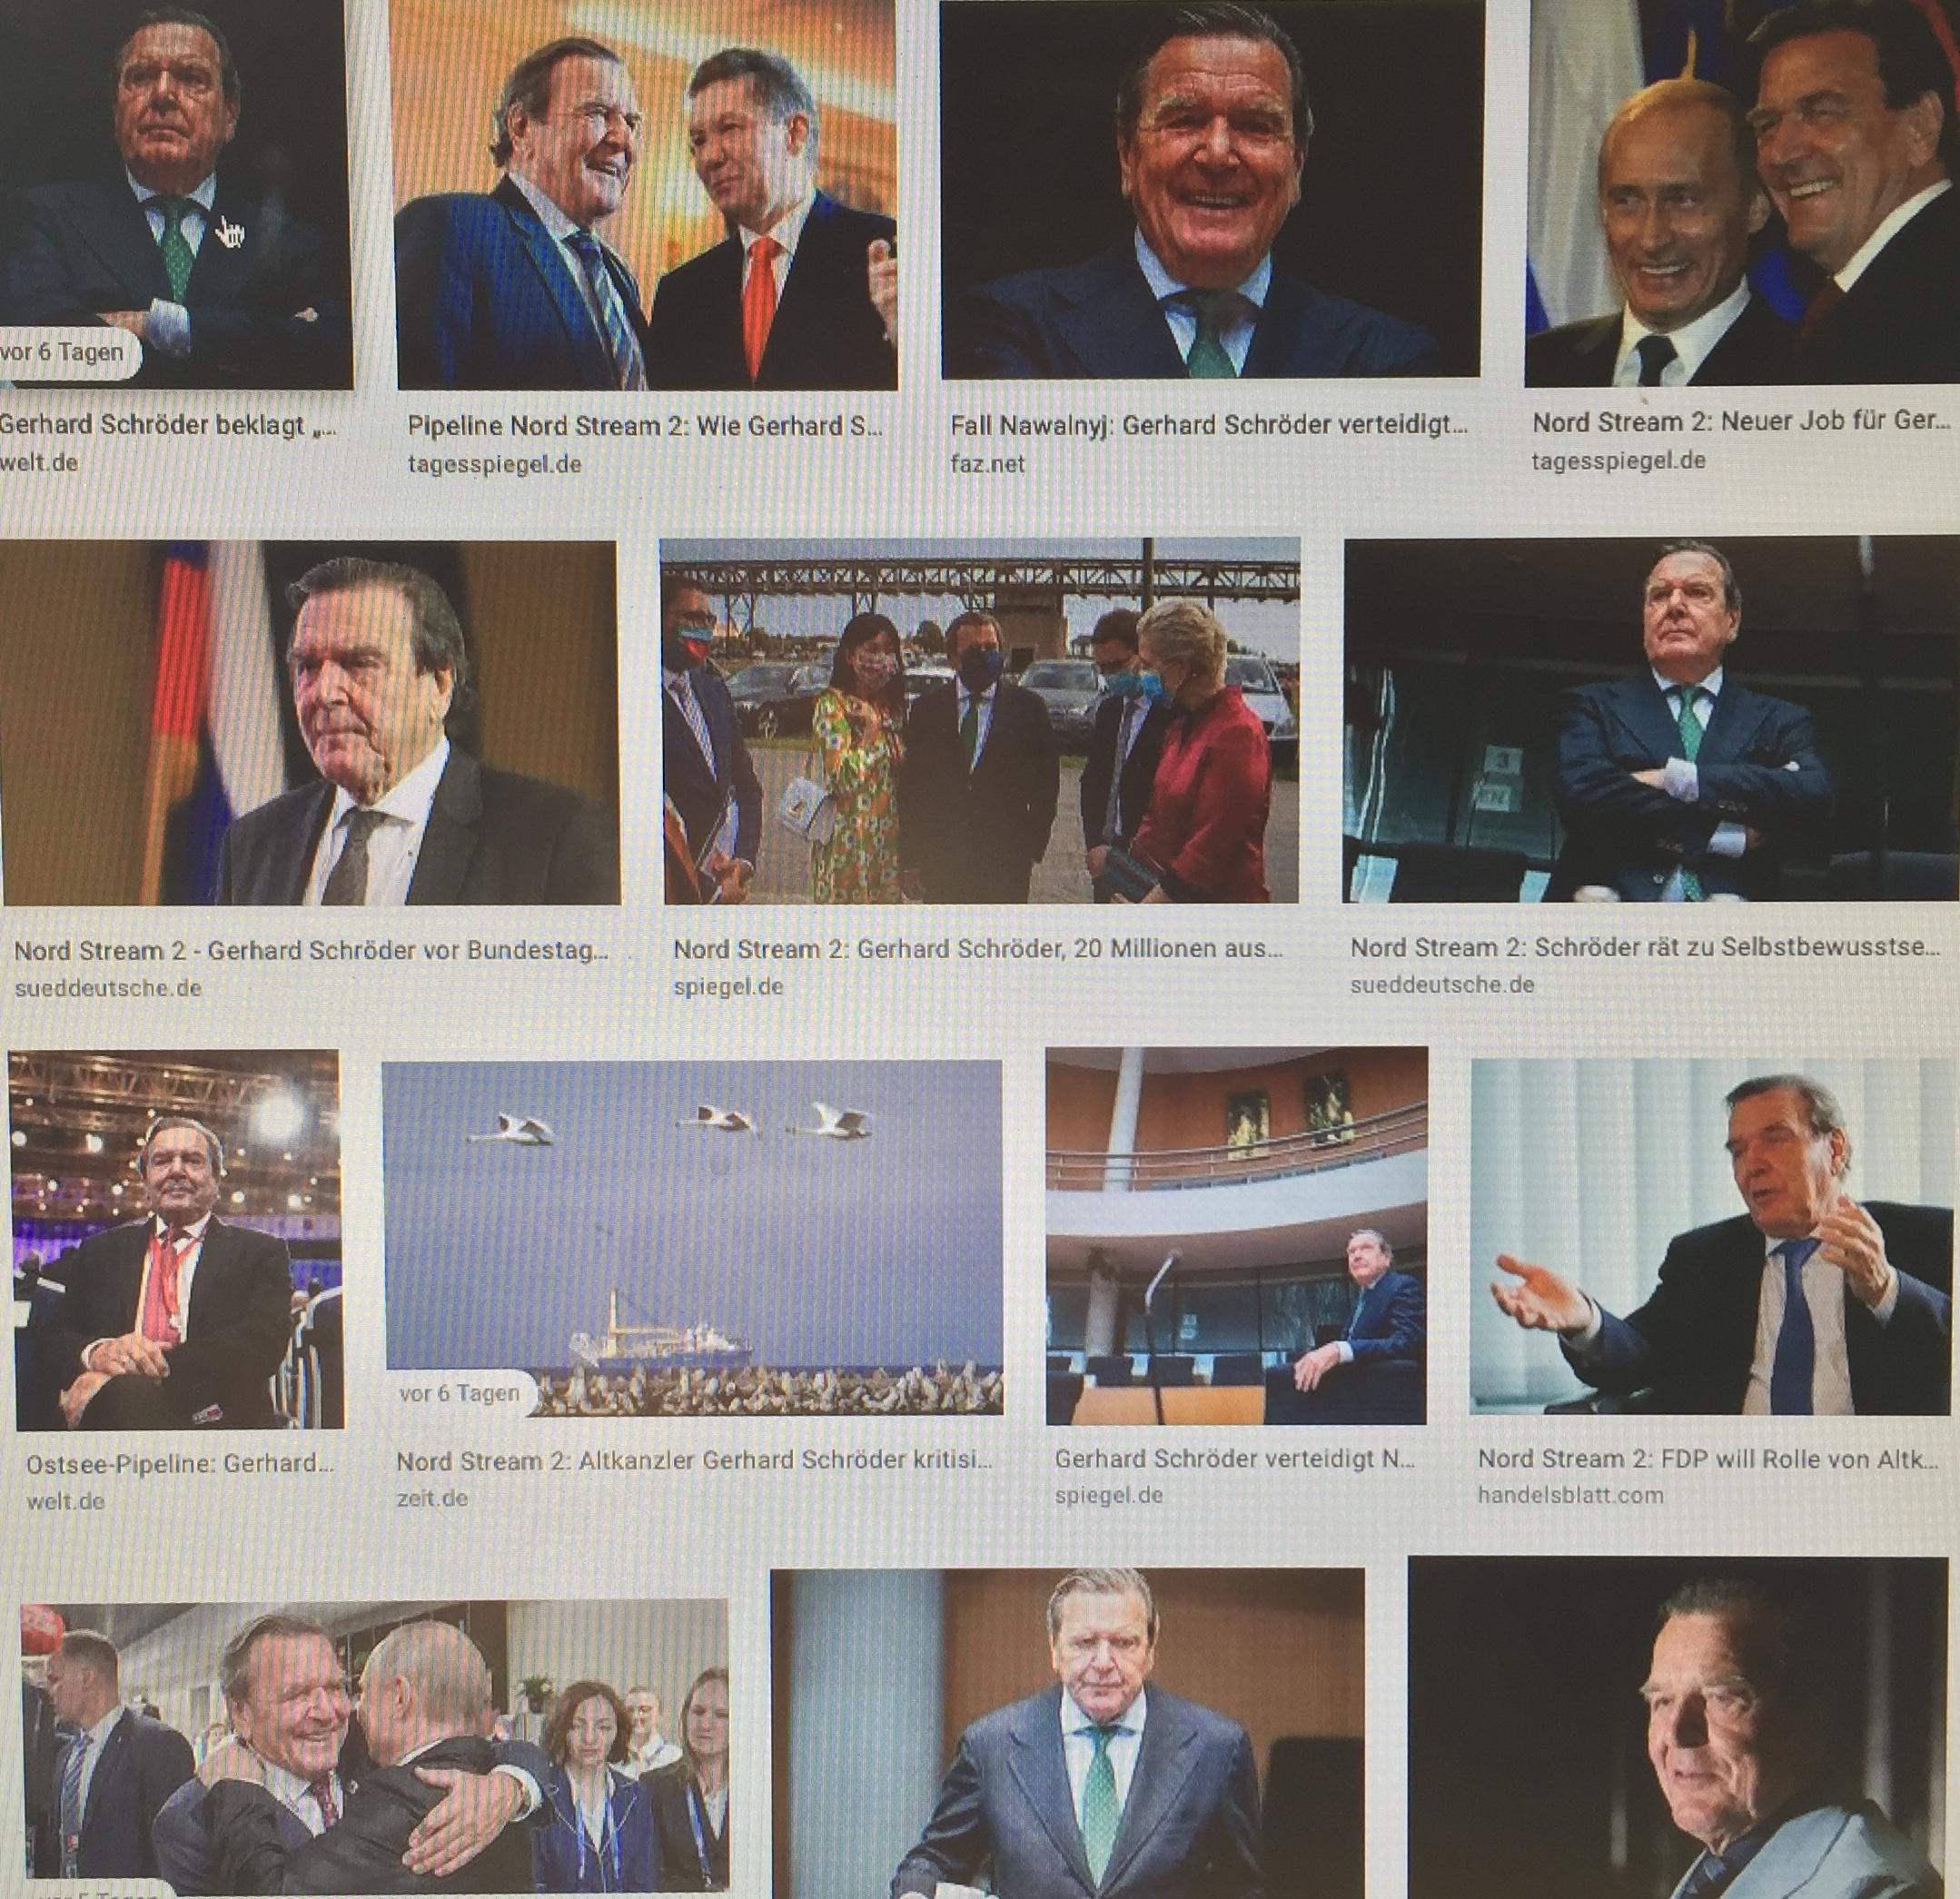 """Alt-Kanzler Gerhard Schröder: wer glaubt, Russland unter Druck setzen zu können, der irrt. Das leidige Russland-Bashing müsse beendet werden. Deutschland müsse vielmehr ehrliches Interesse daran haben, Russland als Partner zu erhalten. Wenn die EU eine internationale Rolle spielen möchte mit den USA auf der einen und China auf der anderen Seite, dann geht das nur mit Russland als Partner an ihrer Seite. Ganz egal, was innenpolitisch passiert - """"ob es uns gefällt oder nicht"""". Zur Erinnerung: UNO-Charta 1945 (Kapitel 1, Artikel 2, Absatz 4): """"Alle Mitglieder unterlassen in ihren internationalen Beziehungen jede gegen die territoriale Unversehrtheit oder die politische Unabhängigkeit eines Staates gerichtete oder sonst mit den Zielen der Vereinten Nationen unvereinbare Androhung oder Anwendung von Gewalt."""" Dazu zählen von außen geschürte Farbrevolutionen, Putsche, Regime Change-Wars, NATO-Osterweiterung, Sanktionen und Angriffskriege ohne UN-Mandat. (www.progression.at)"""